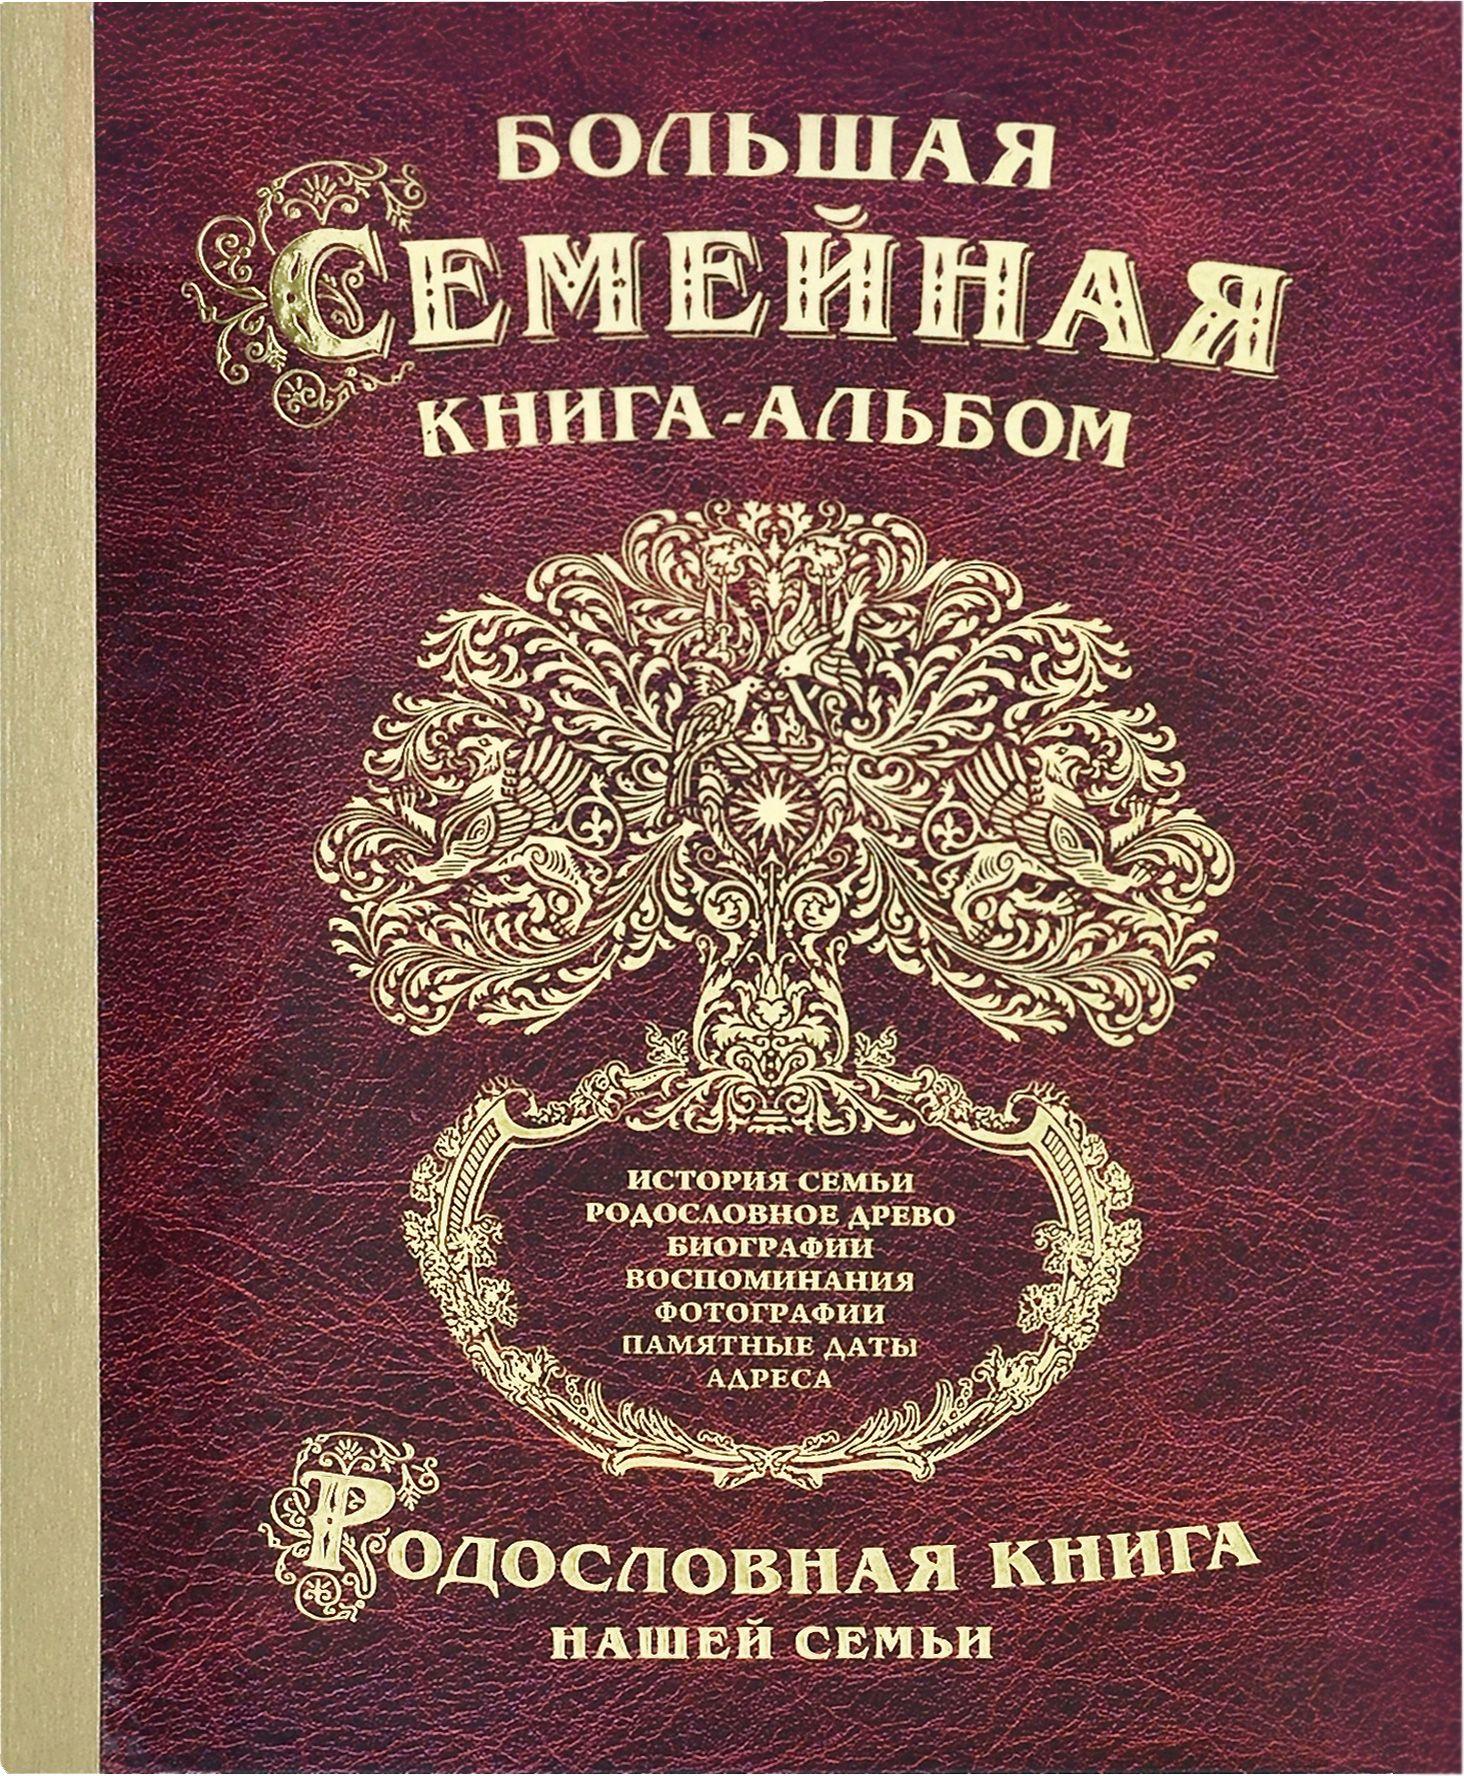 Большая семейная книга Гарамант Древо, цвет: коричневый. Авторская работа.1022 бологова в моя большая книга о животных 1000 фотографий